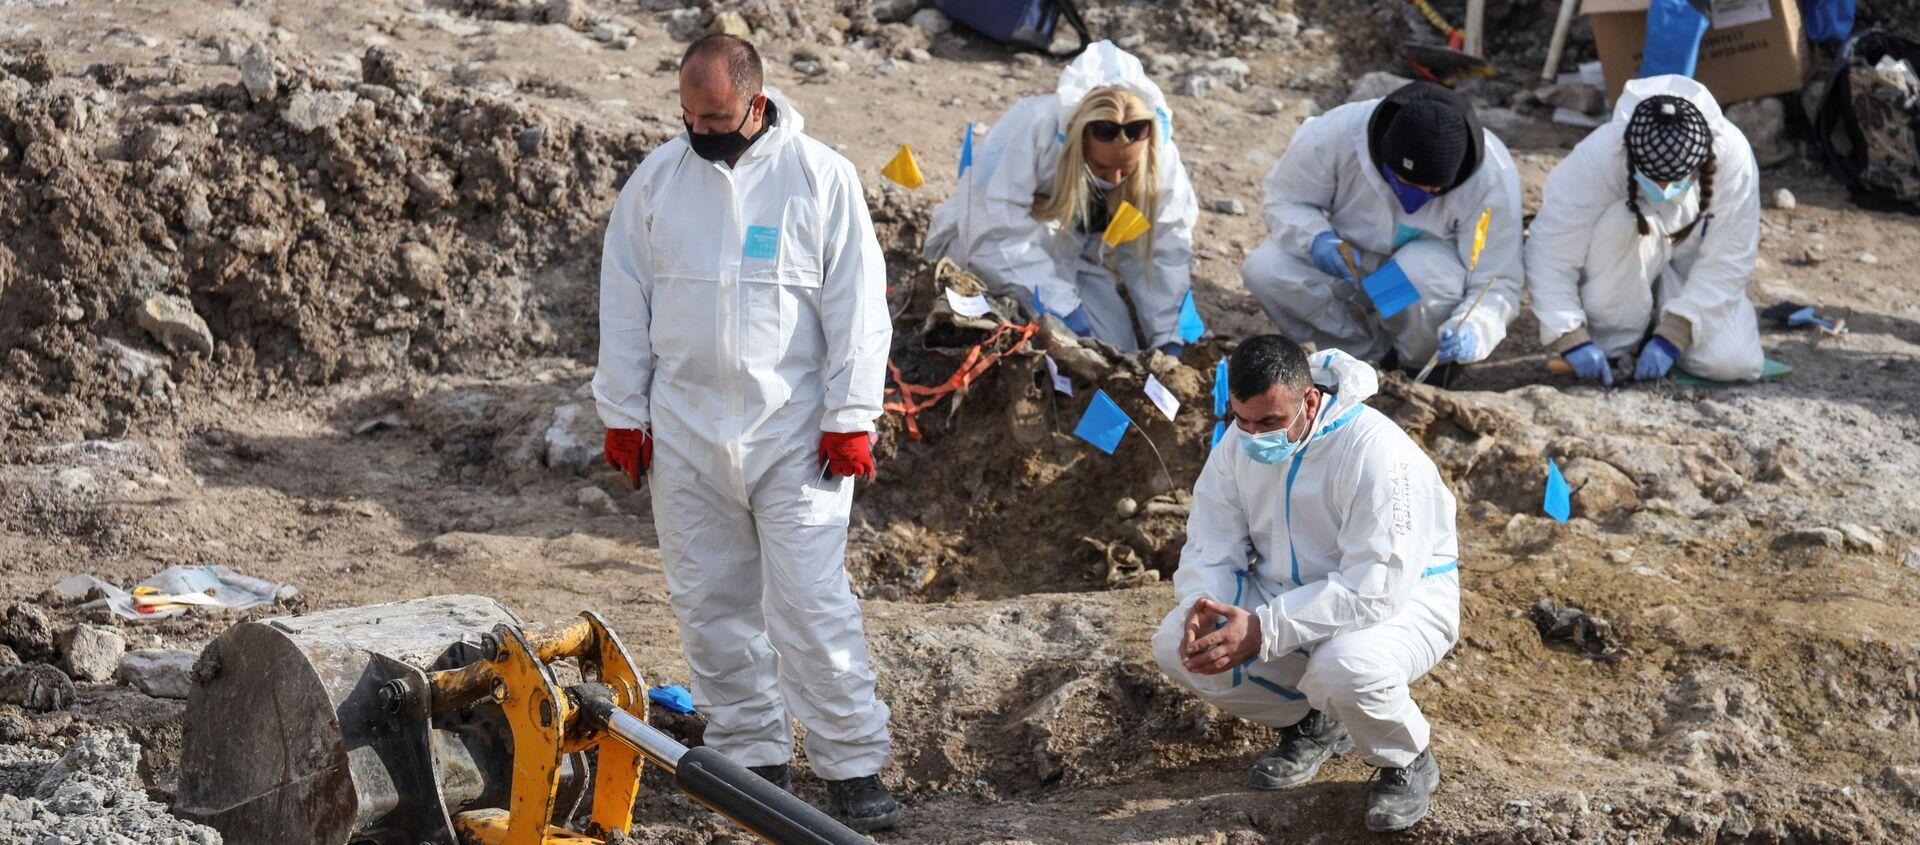 Los investigadores forenses buscan restos de más de una docena de albanokosovares asesinados durante la guerra de Kosovo - Sputnik Mundo, 1920, 05.12.2020